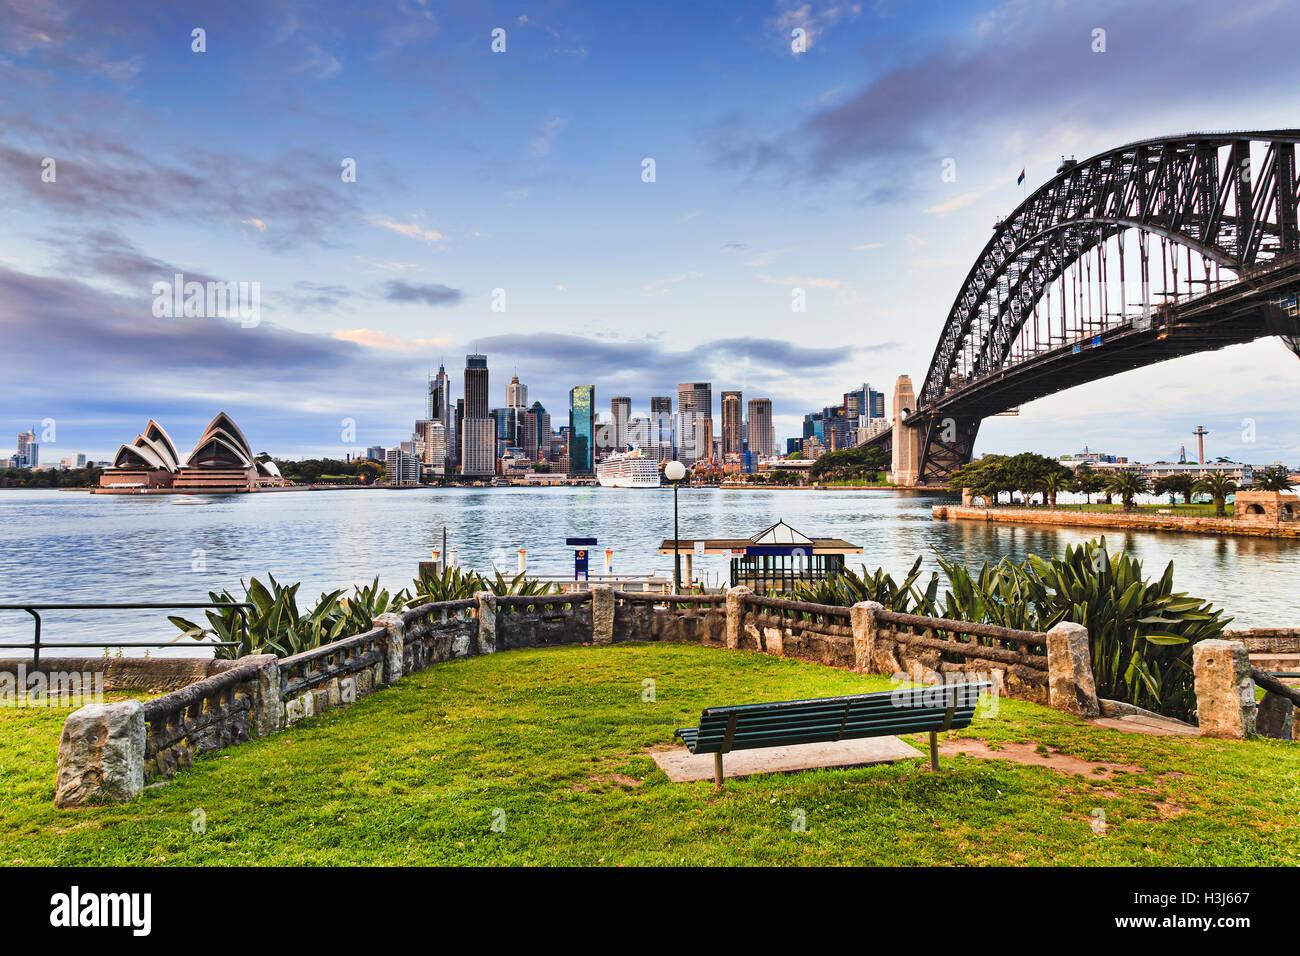 Grasgrün und Bank im Erholungspark Zone Kirribilli Vorort von Sydney über Hafen aus die wichtigsten Sehenswürdigkeiten Stockfoto